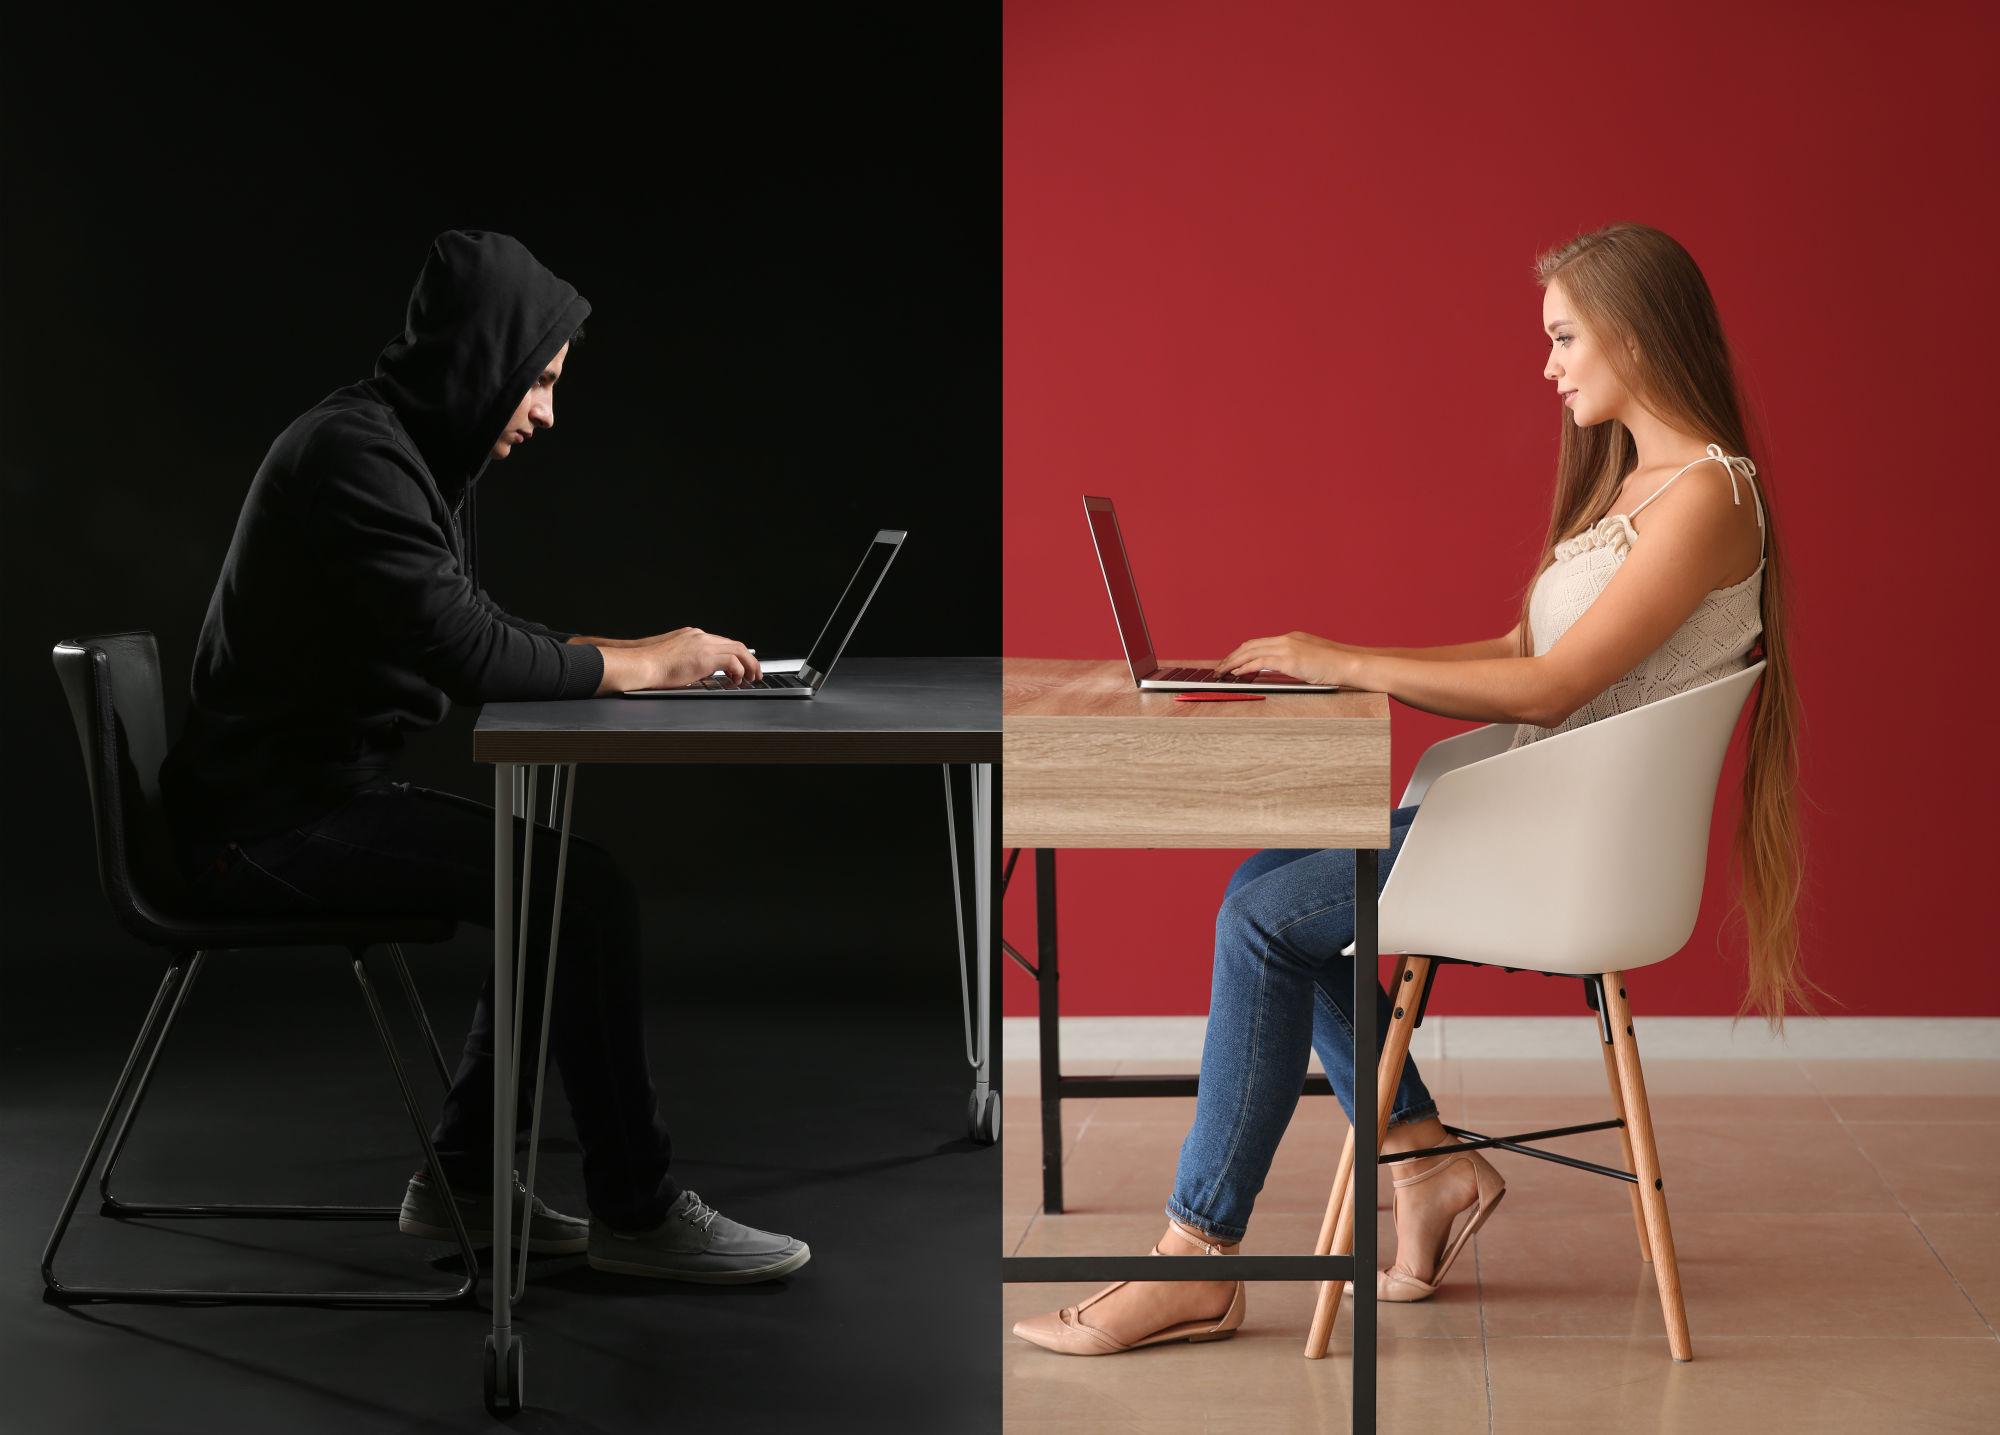 una chica y un chico en internet